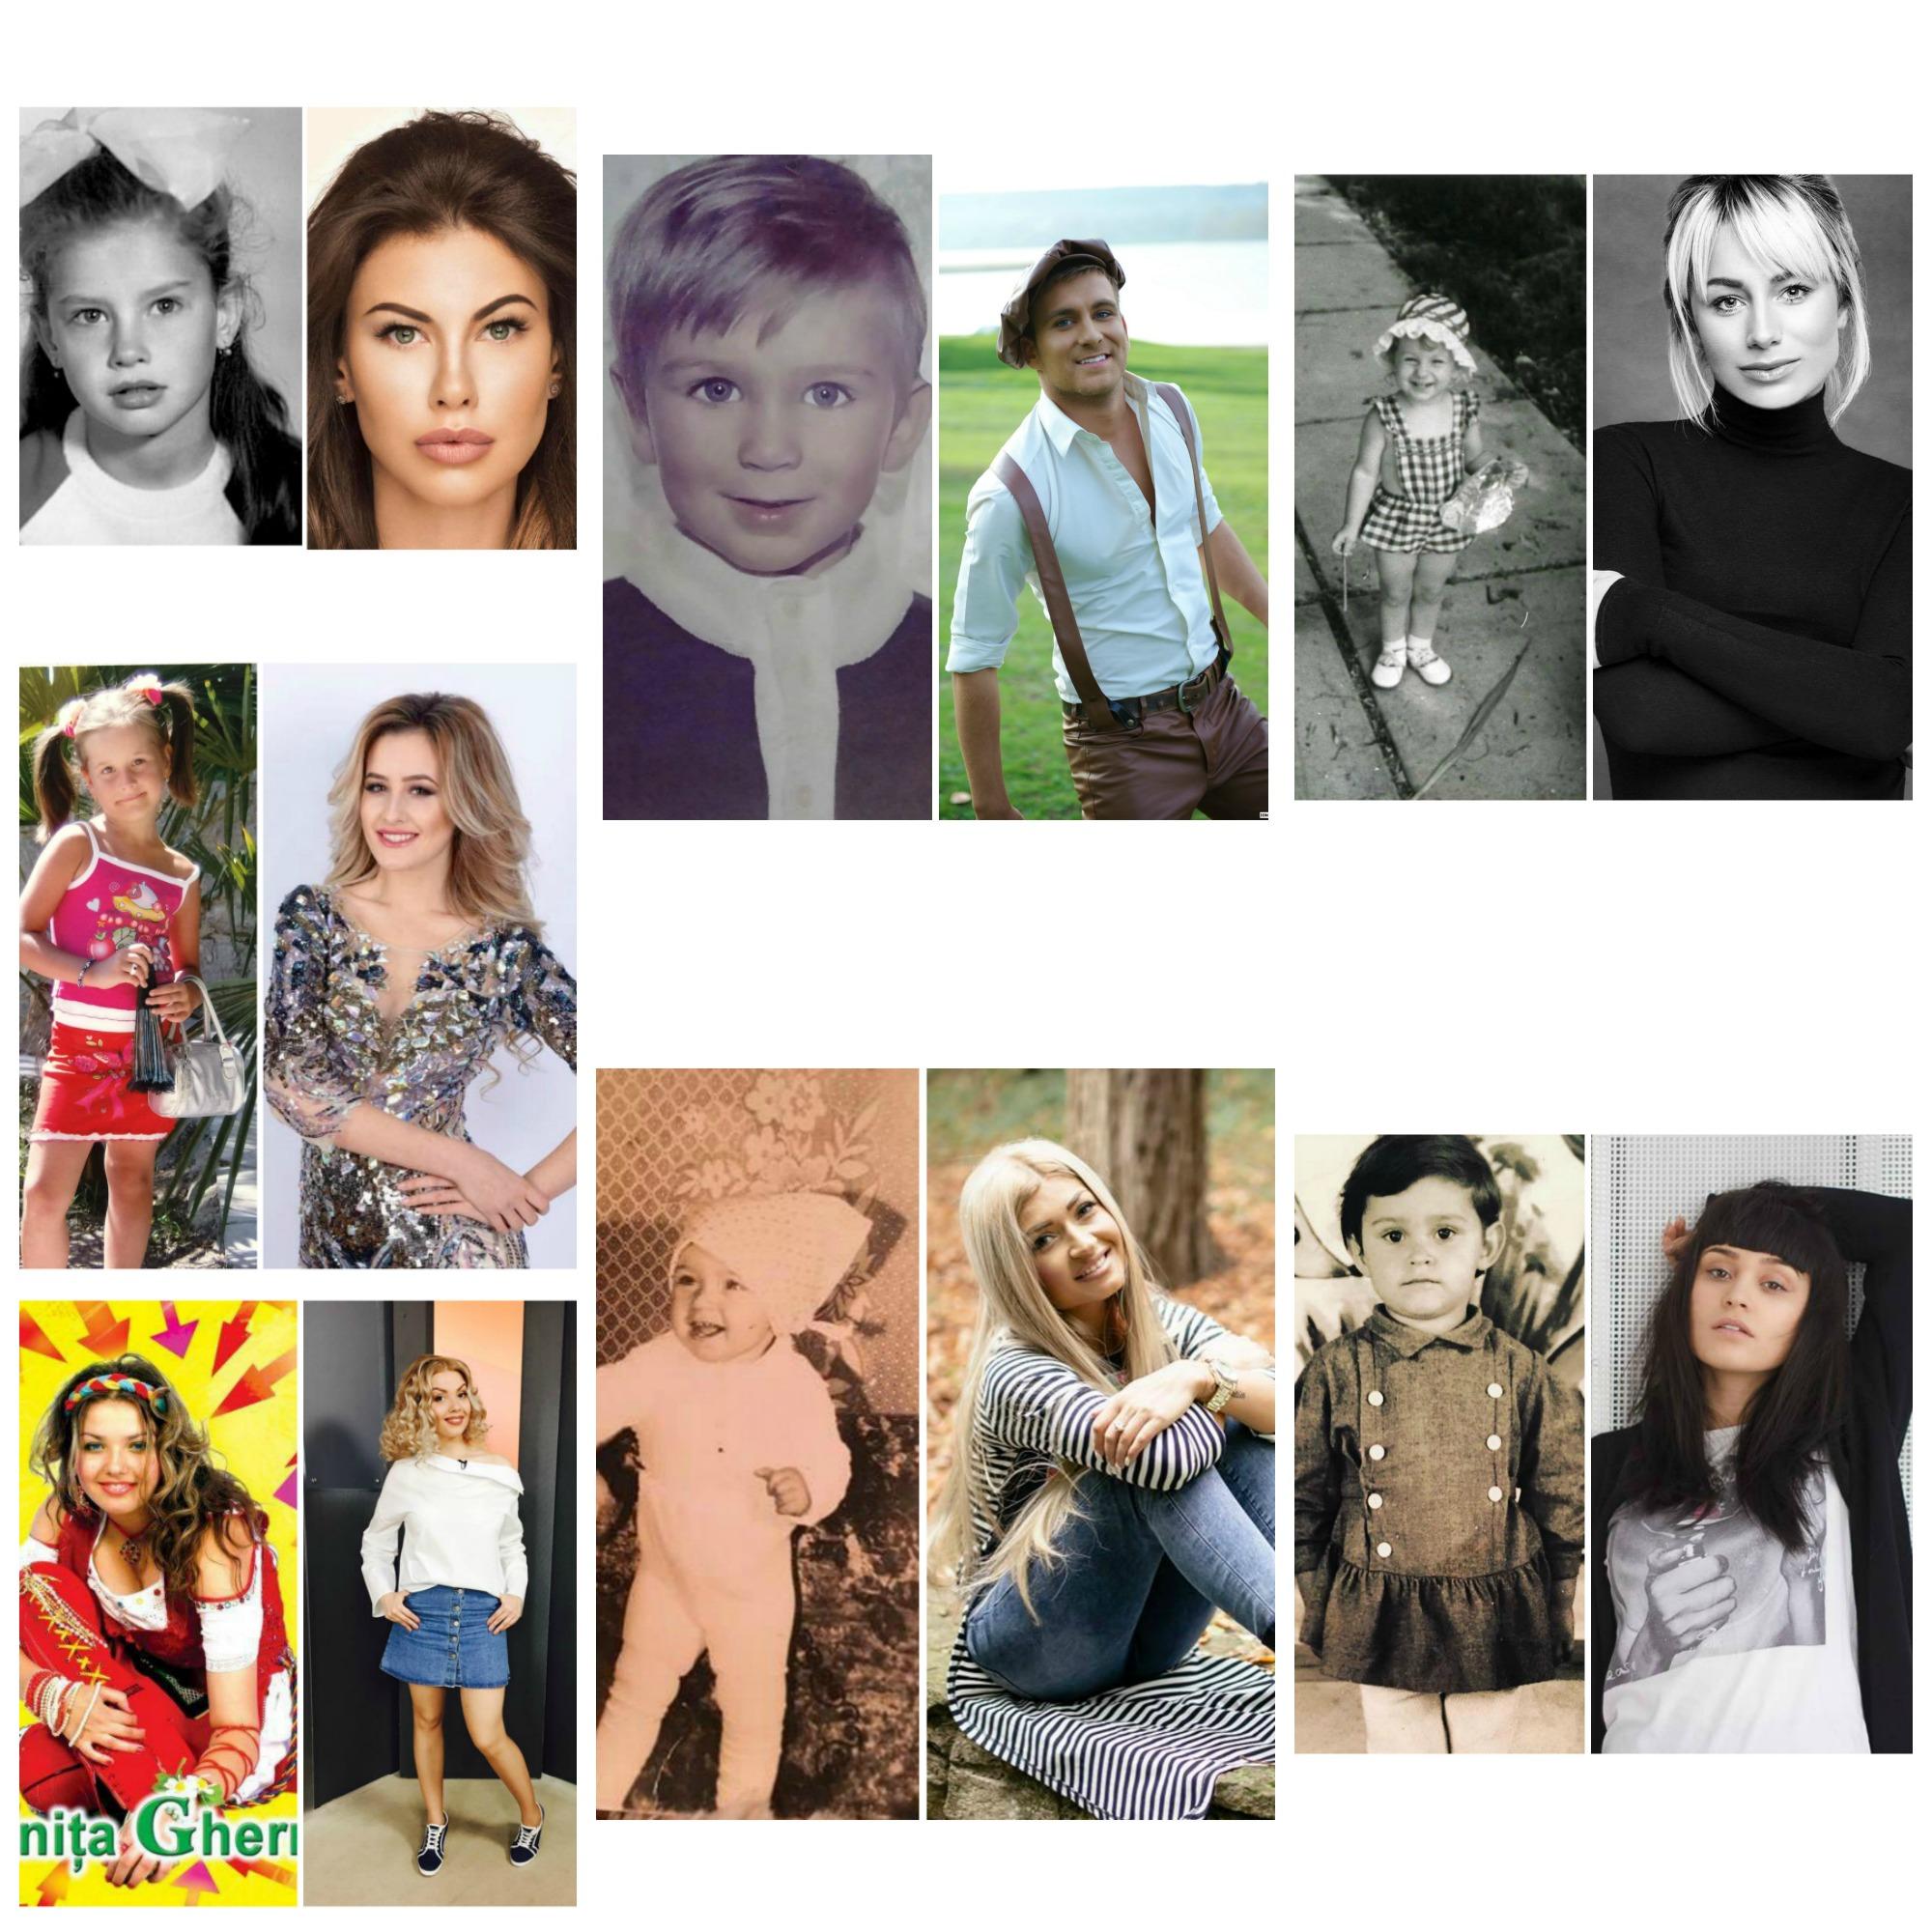 Așa arătau vedetele în copilărie!